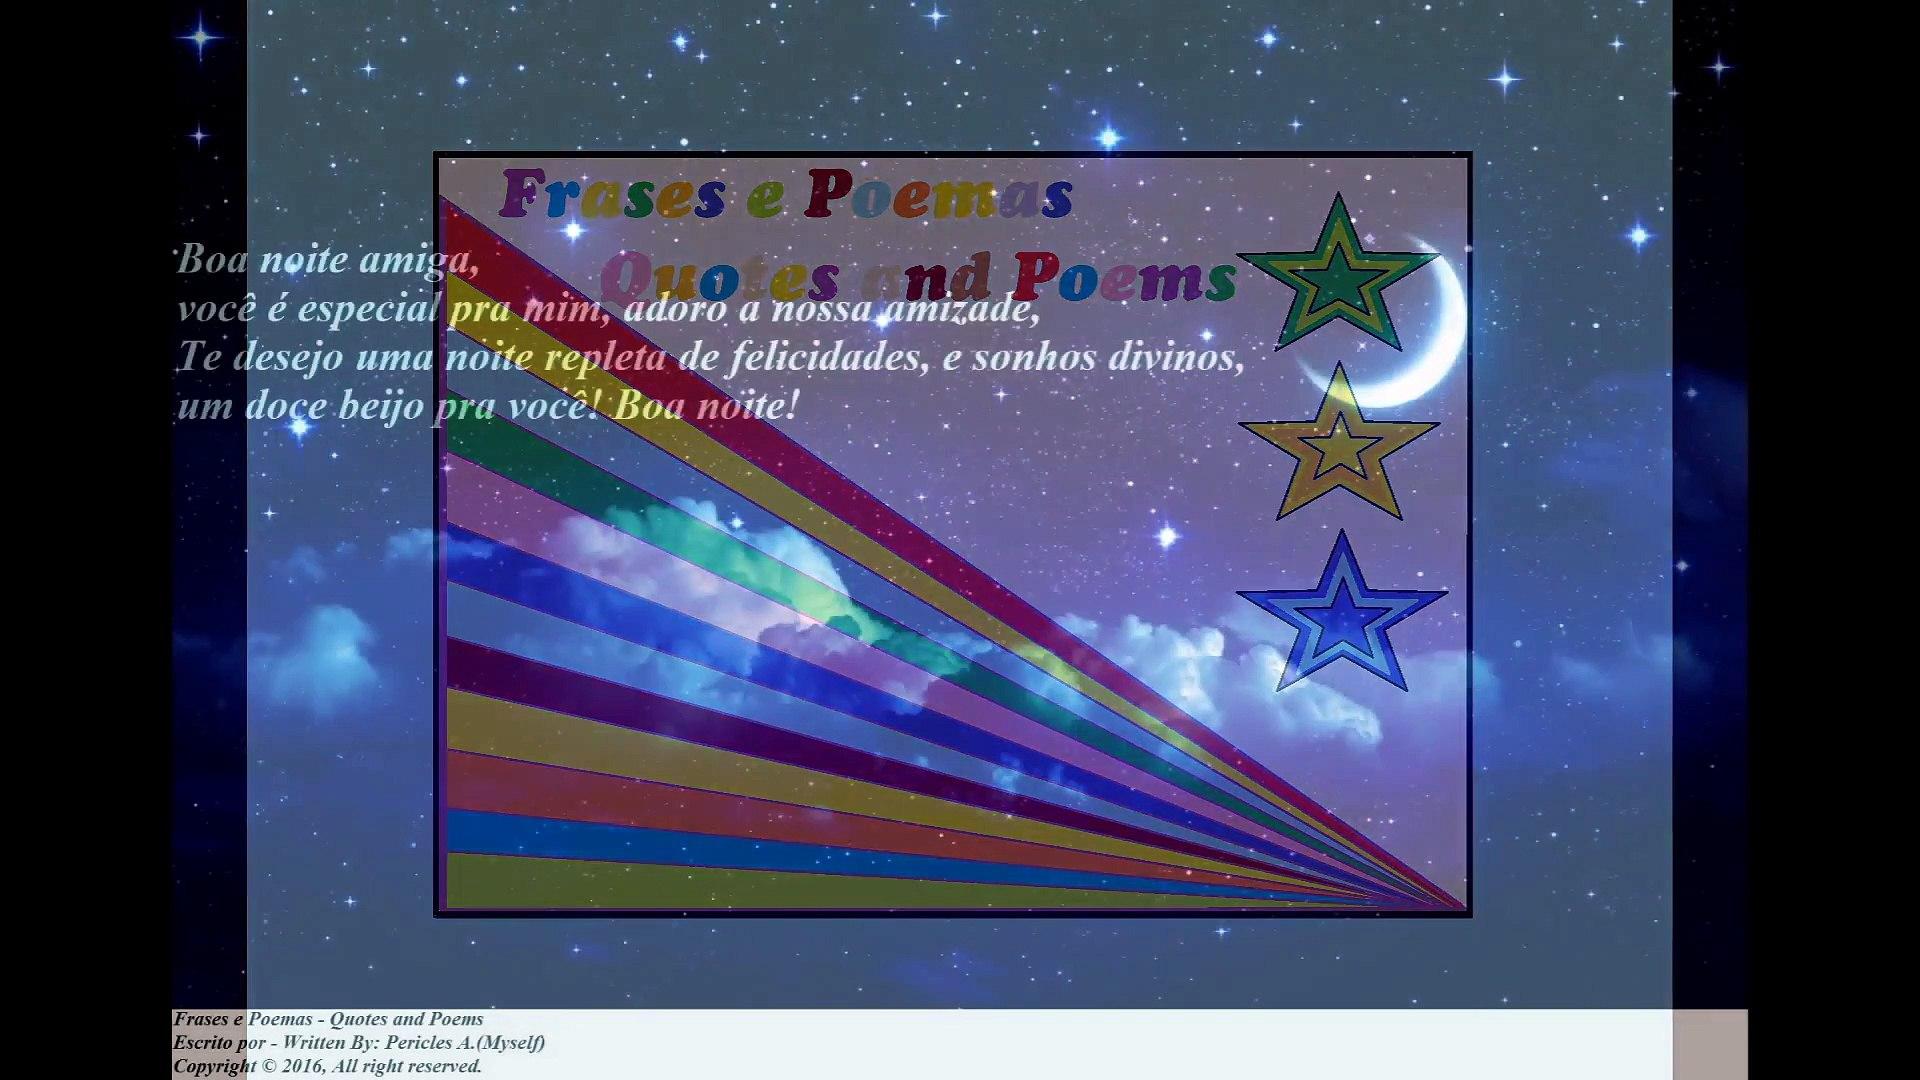 Boa Noite Amiga Você é Especial Pra Mim Adoro A Sua Amizade Mensagem Frases E Poemas